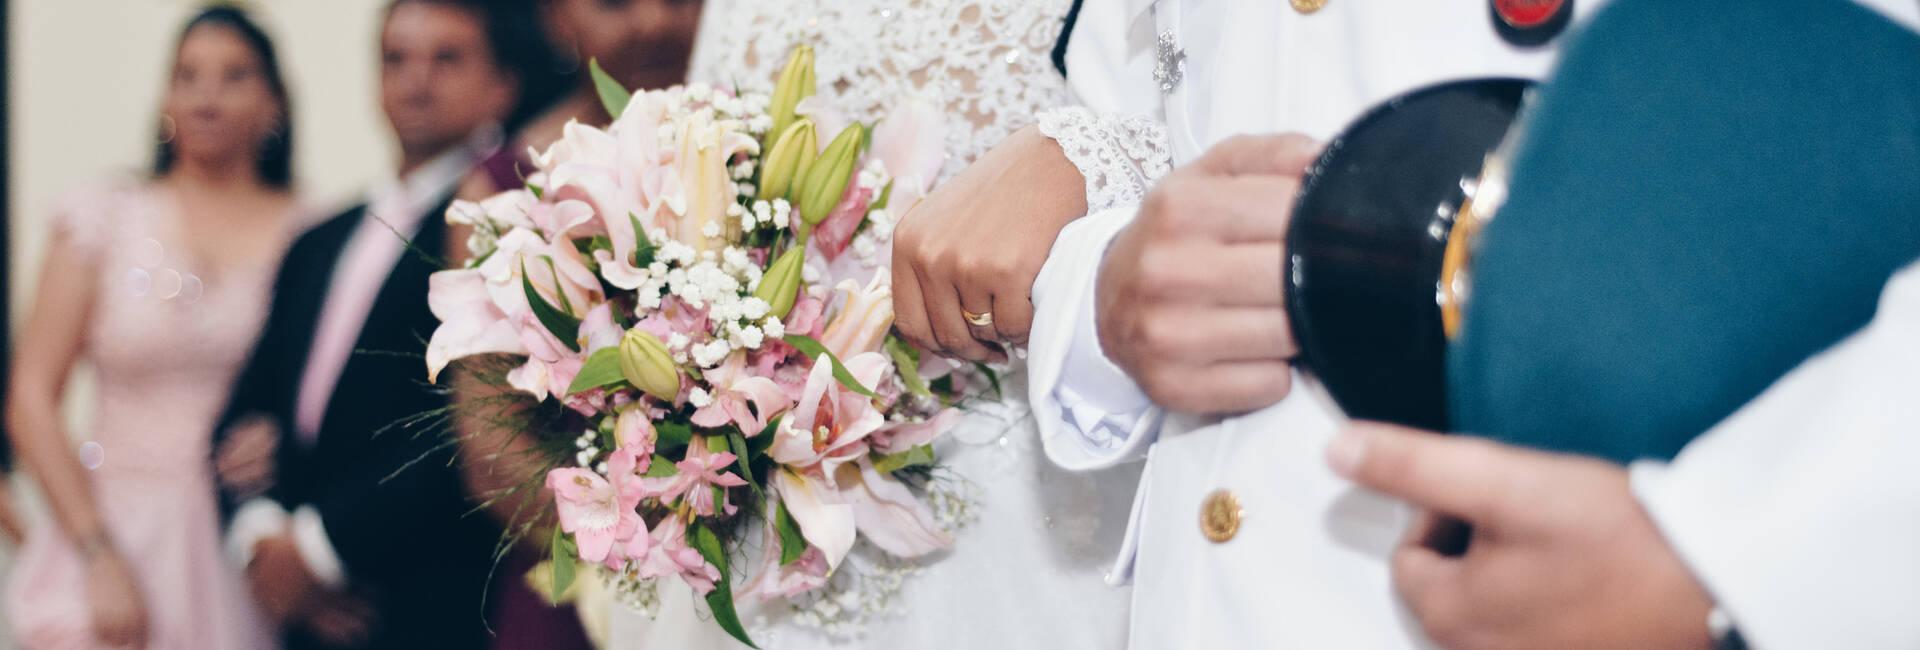 RONDÔNIA de Casamento Militar